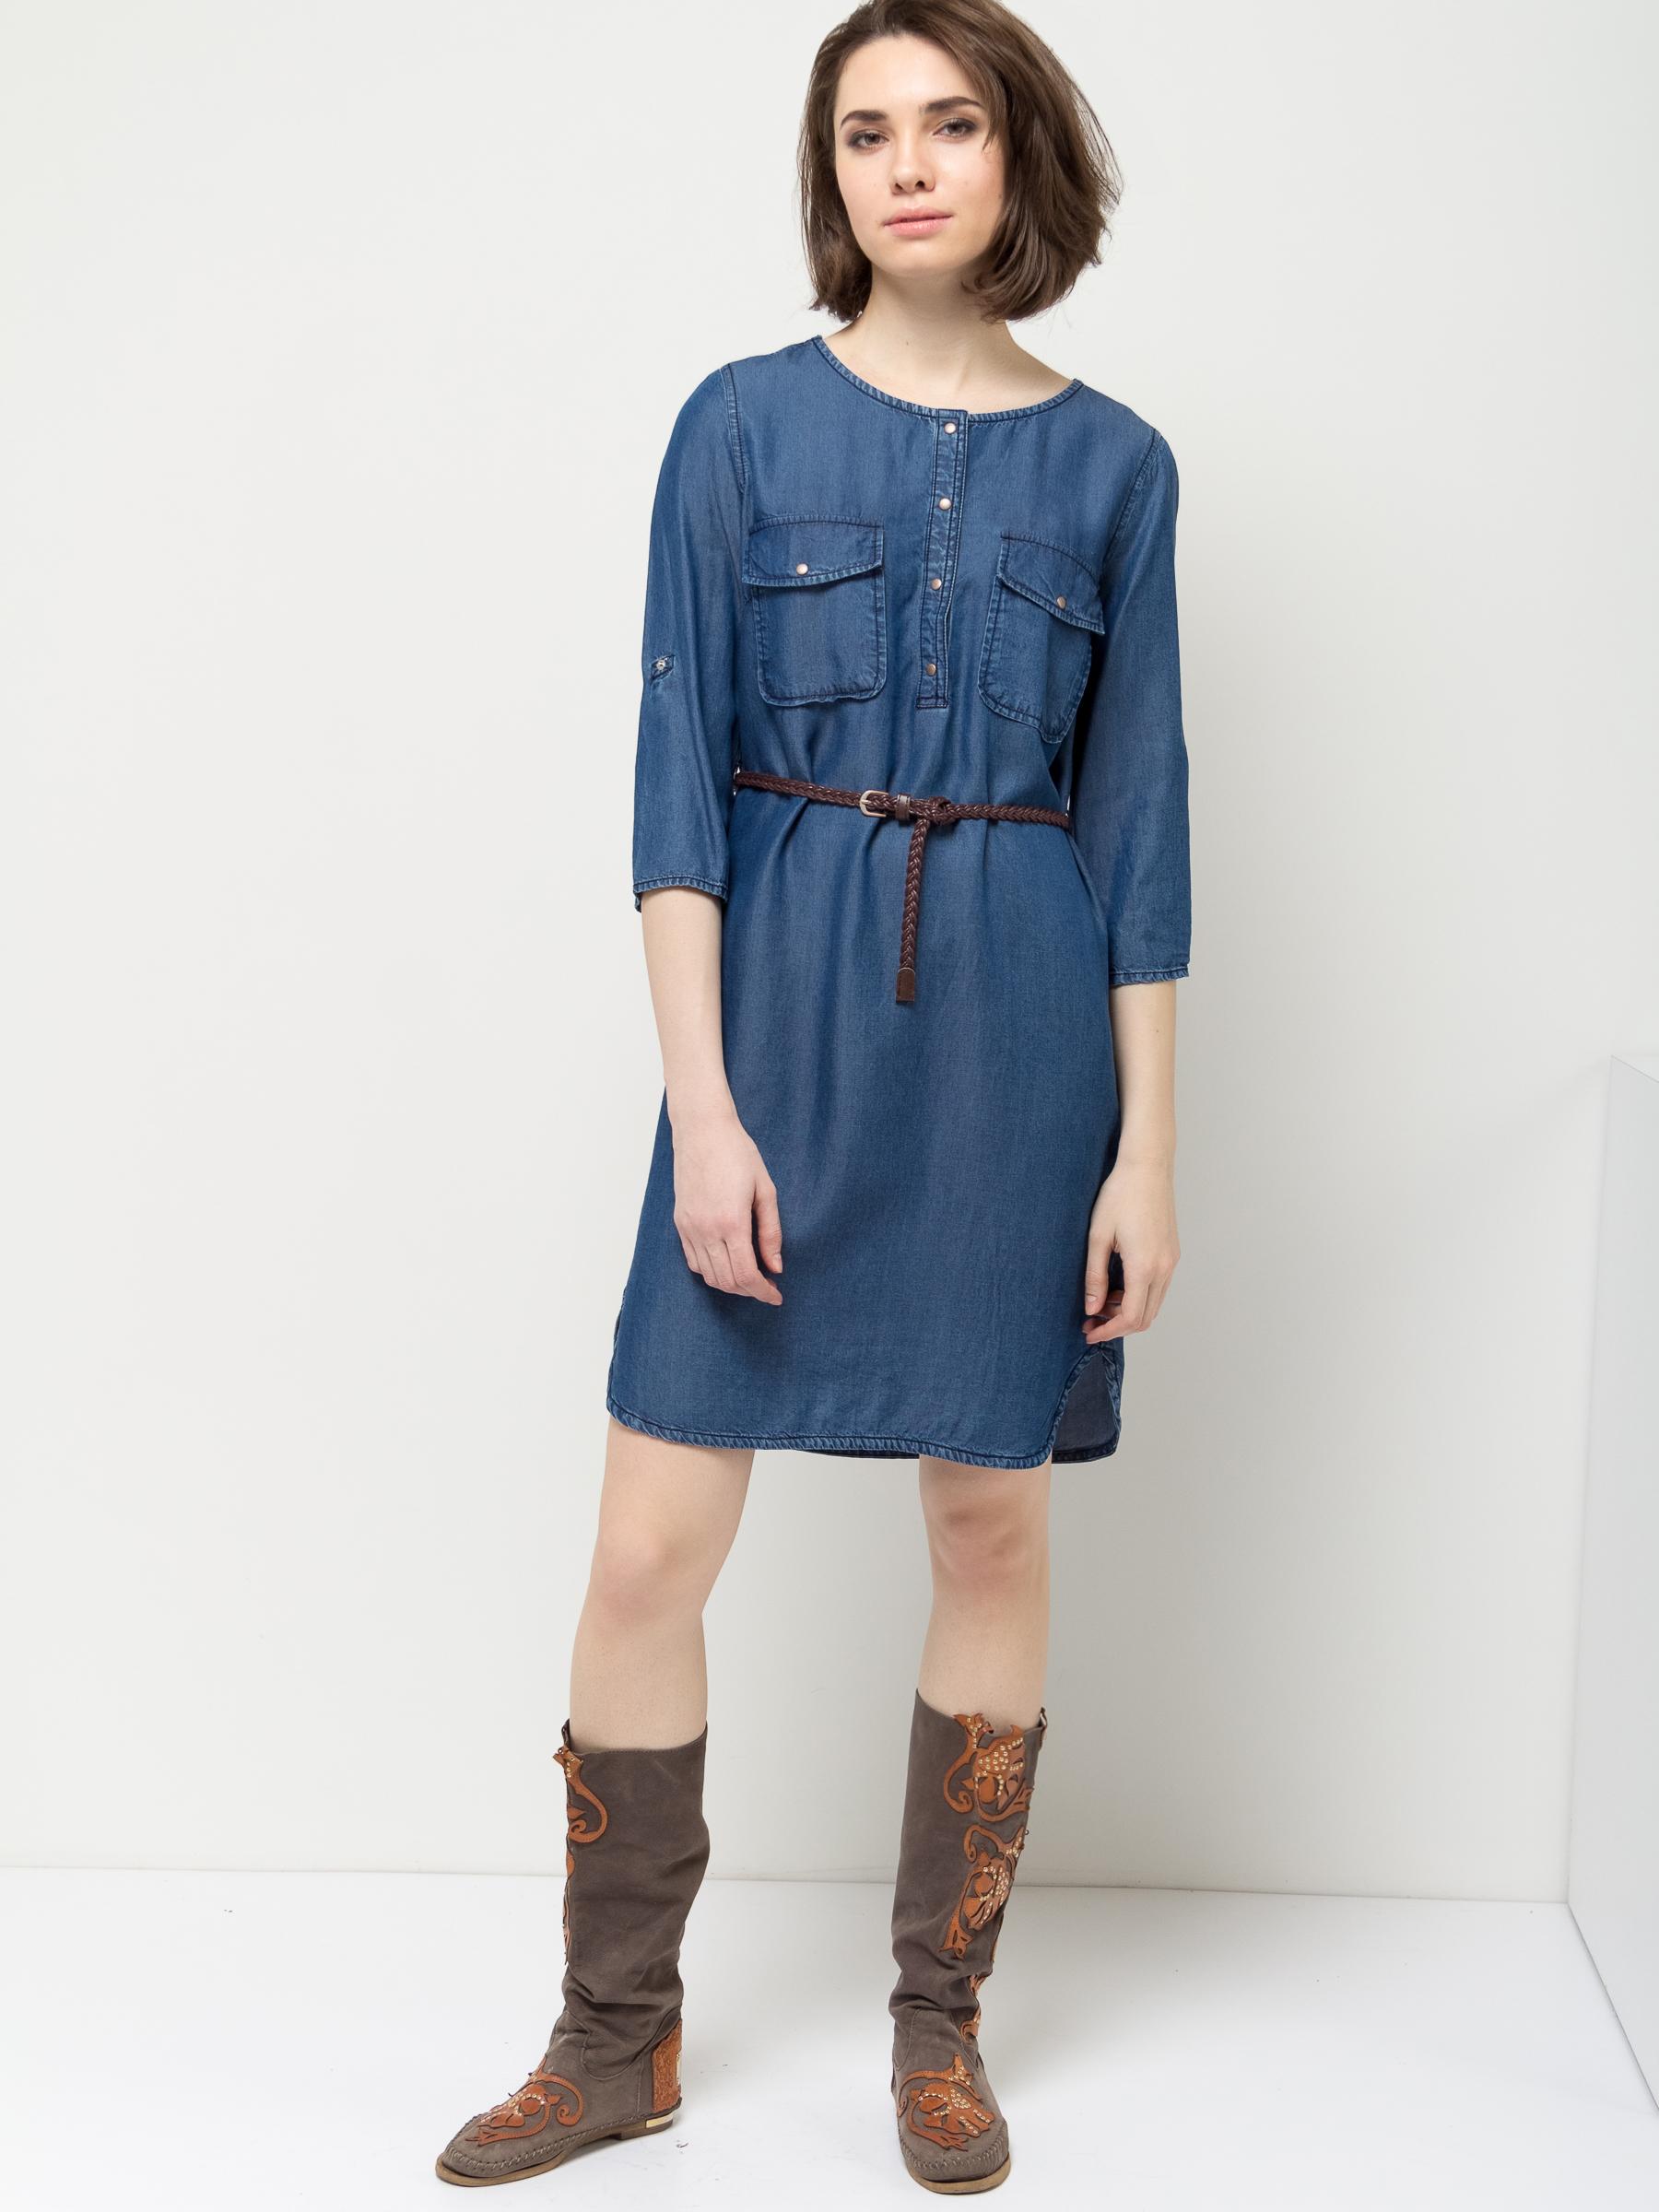 Платье Sela, цвет: синий джинс. Dj-137/012-7161. Размер 46Dj-137/012-7161Стильное платье Sela выполнено из легкого материала, имитирующего джинс. Модель А-силуэта с круглым вырезом горловины и рукавами 3/4 застегивается на кнопки до середины груди и дополнена двумя накладными карманами с клапанами. Линию талии подчеркивает входящий в комплект плетеный ремешок из искусственной кожи. Рукава можно подвернуть и зафиксировать при помощи хлястиков на пуговицах. Платье миди-длины подойдет для прогулок и дружеских встреч и станет отличным дополнением гардероба. Мягкая ткань на основе вискозы комфортна и приятна на ощупь.